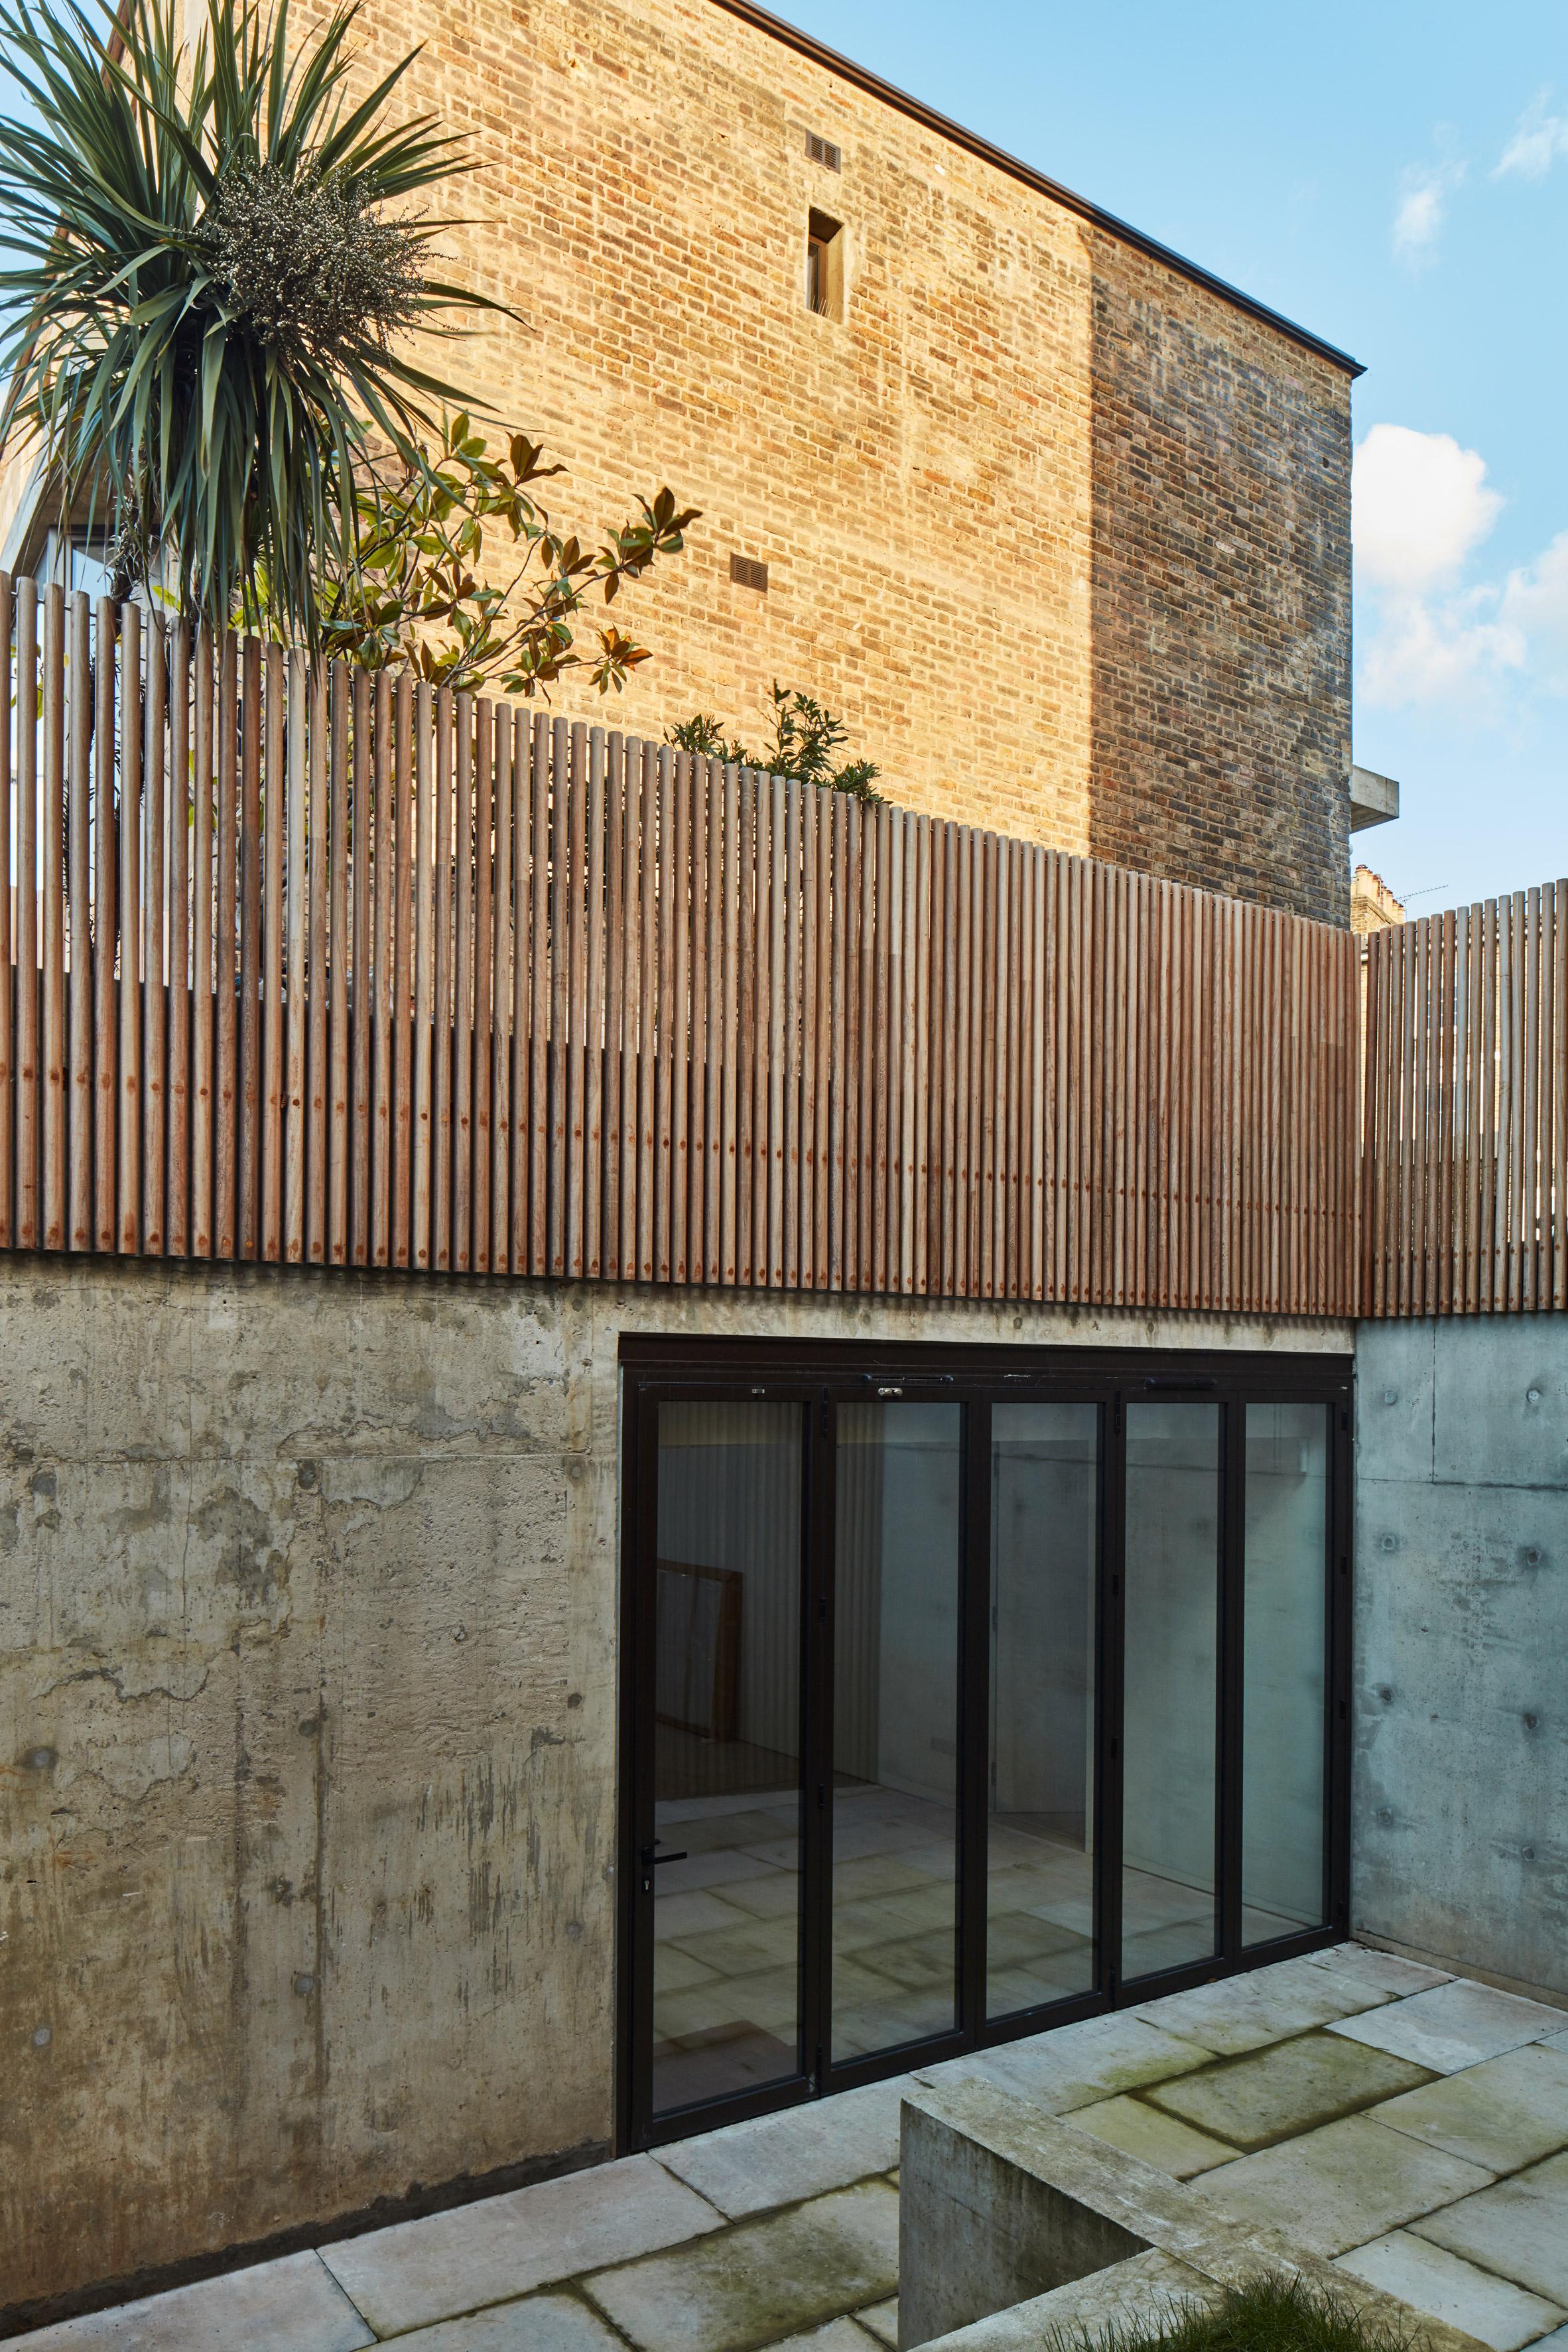 La casa è stata messa all'asta per 1,2 milioni di sterline